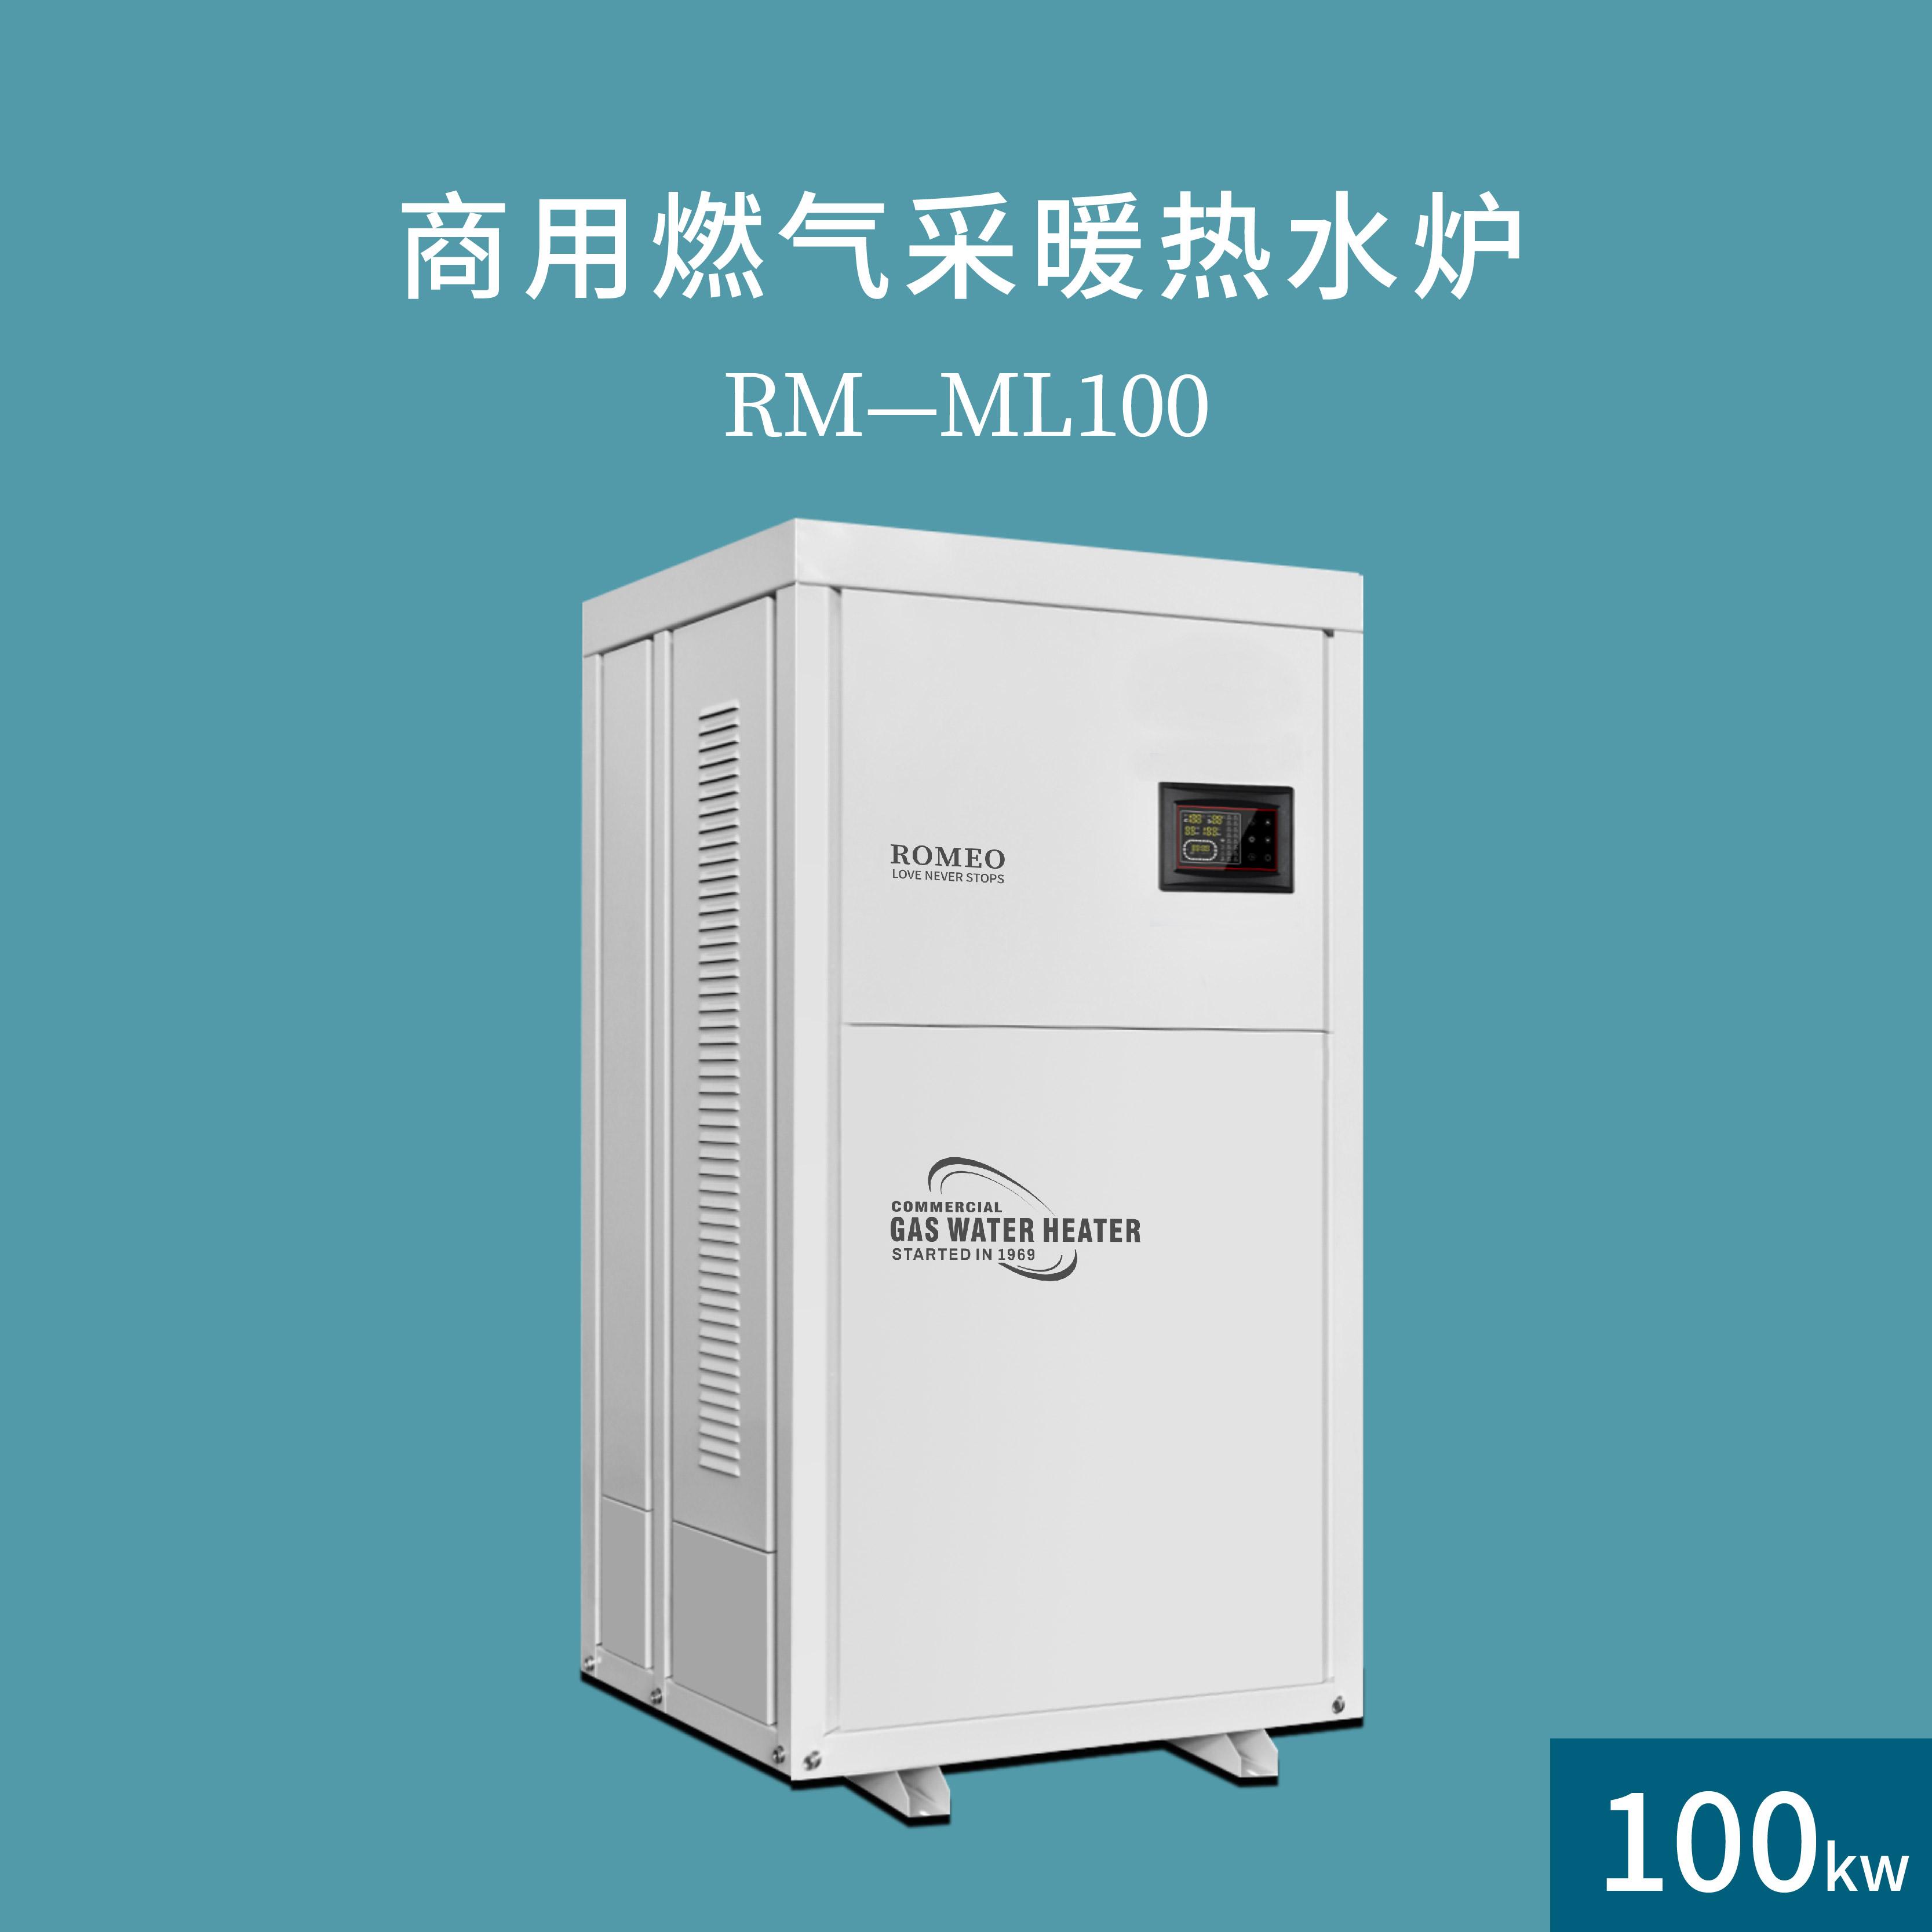 罗密欧商用采暖设备RM-ML100